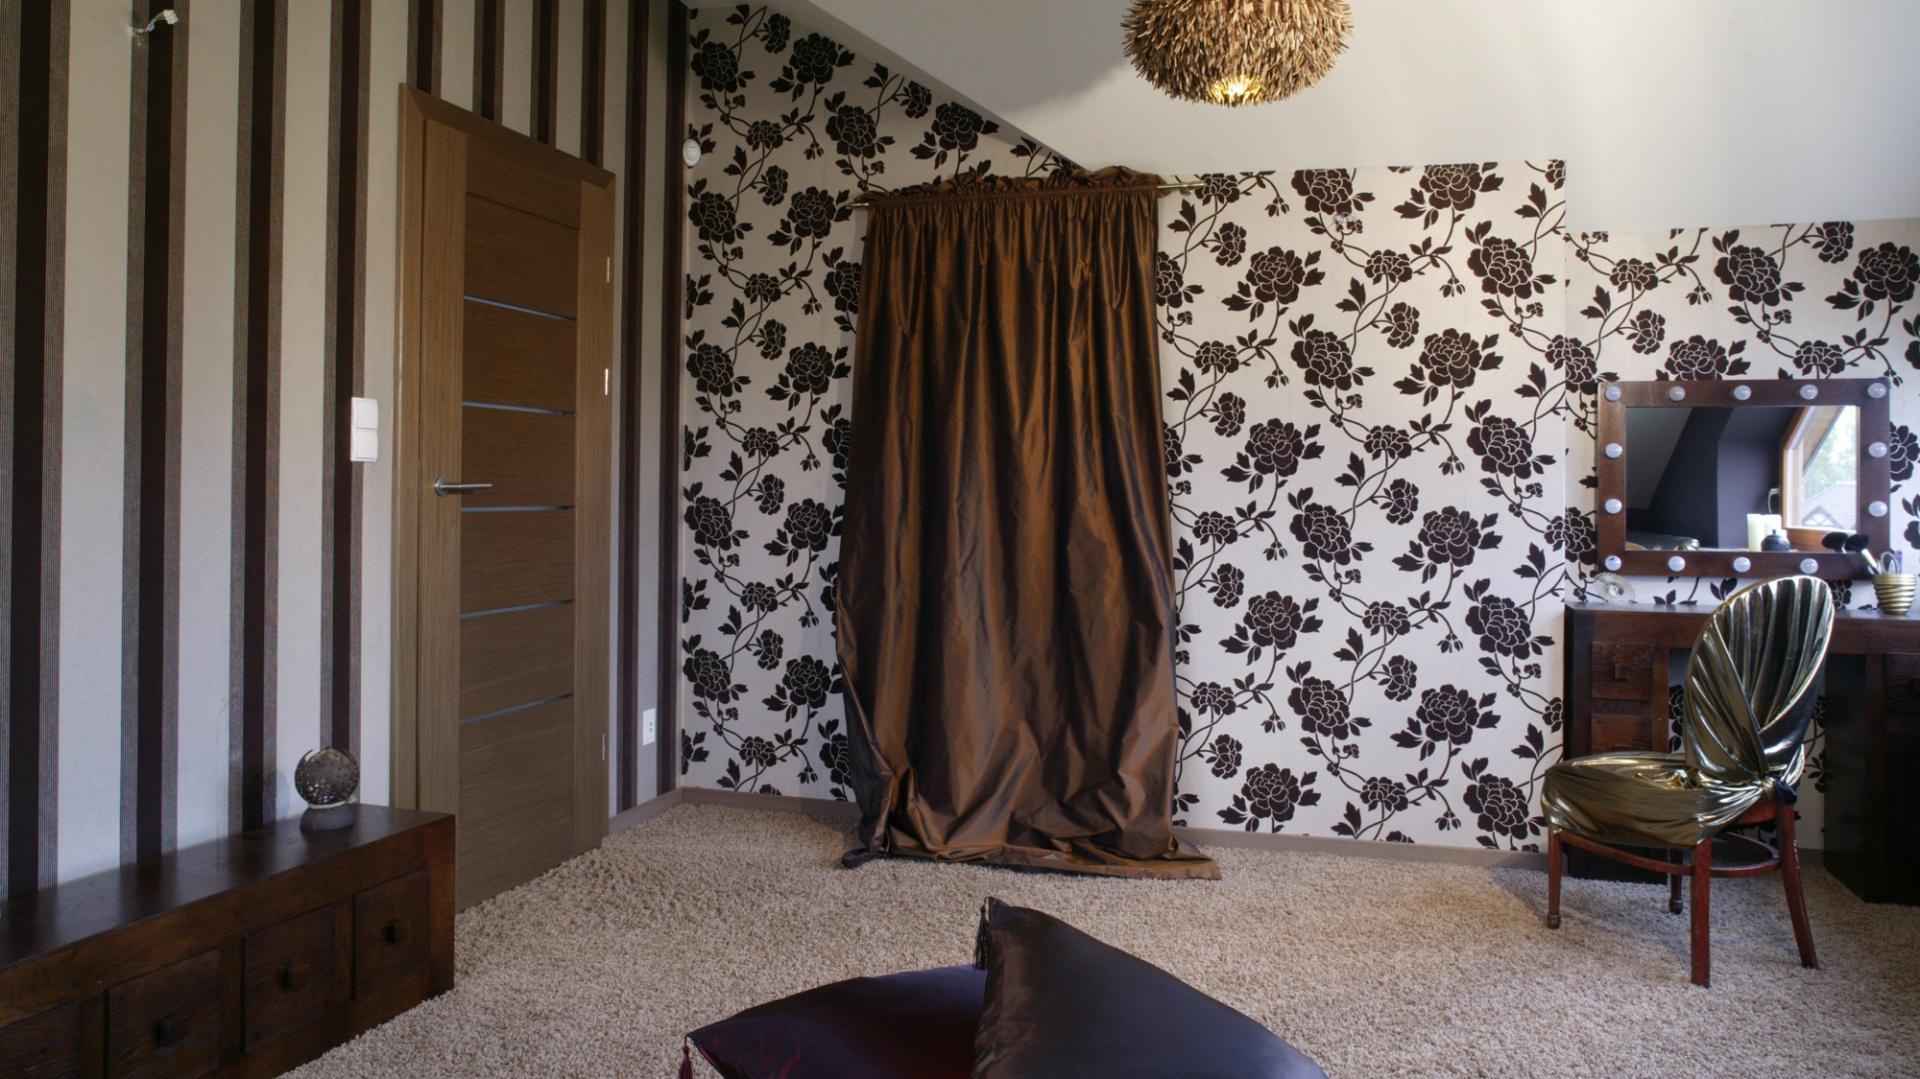 Nieco buduarowy charakter sypialni to m.in. zasługa zastosowanych tkanin i tapet (Finezja). Ściany ciekawie ze sobą kontrastują (każda ma odmienny wzór) i harmonizują zarazem. Fot. Monika Filipiuk.